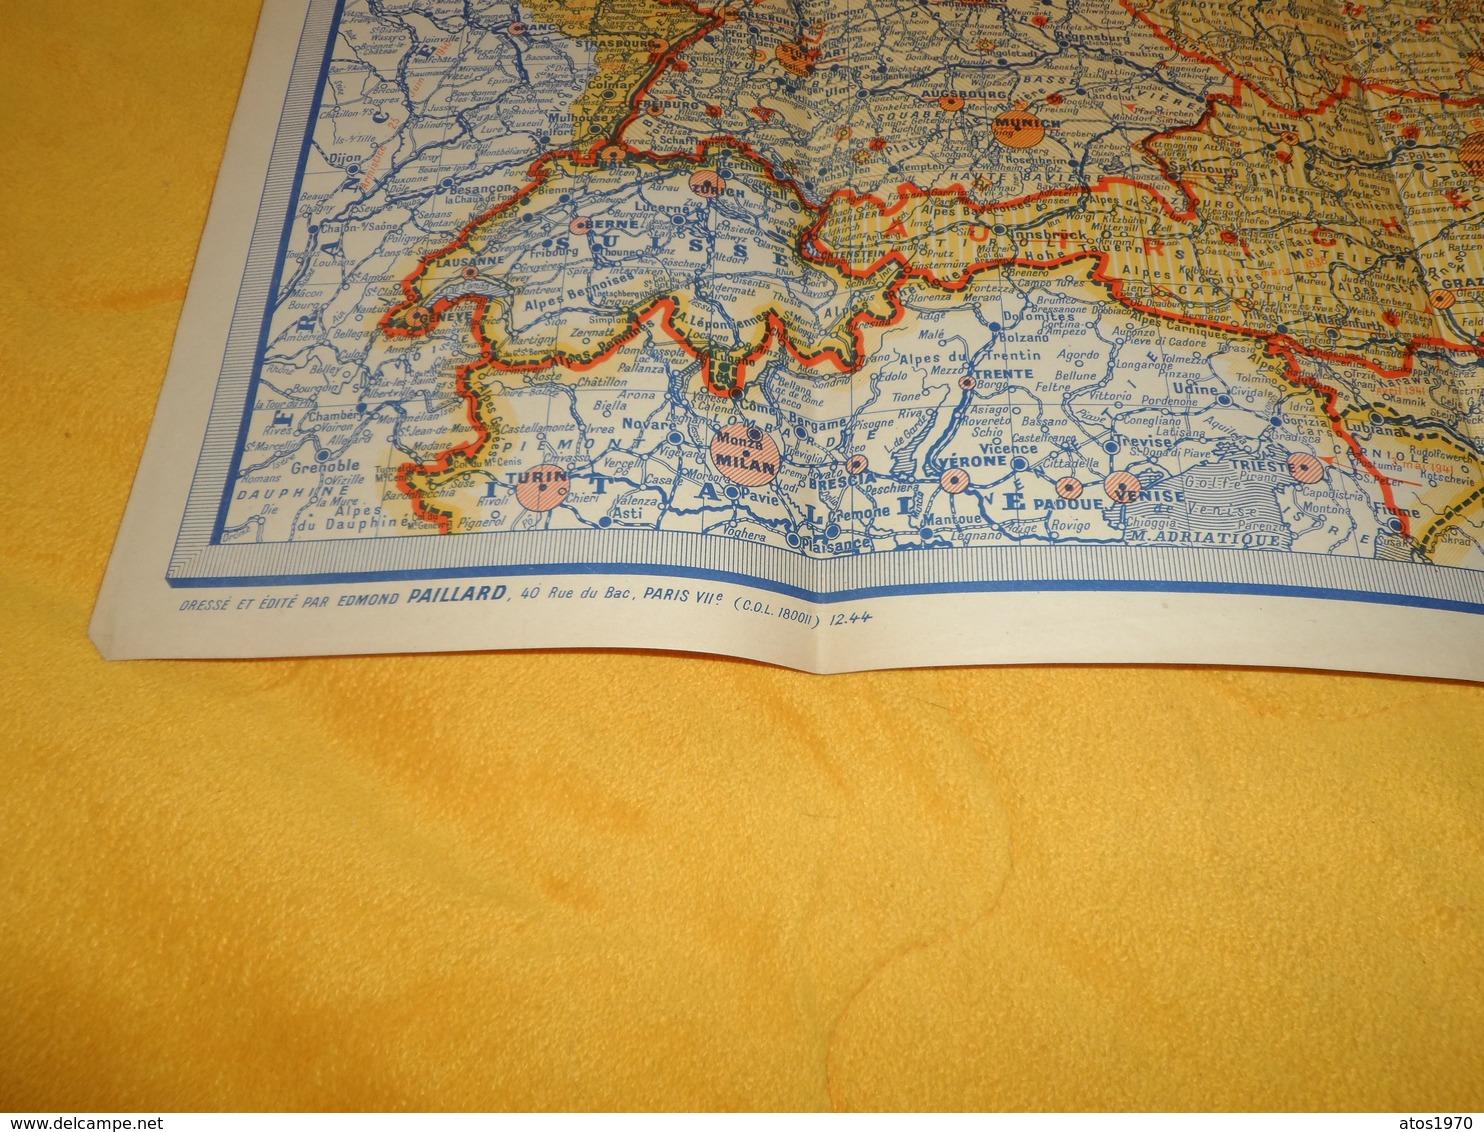 CARTE ANCIENNE ALLEMAGNE ET ETATS LIMITROPHES...EDITE PAR EDMOND PAILLARD PARIS VIIe...1944 ?.... - Cartes Routières